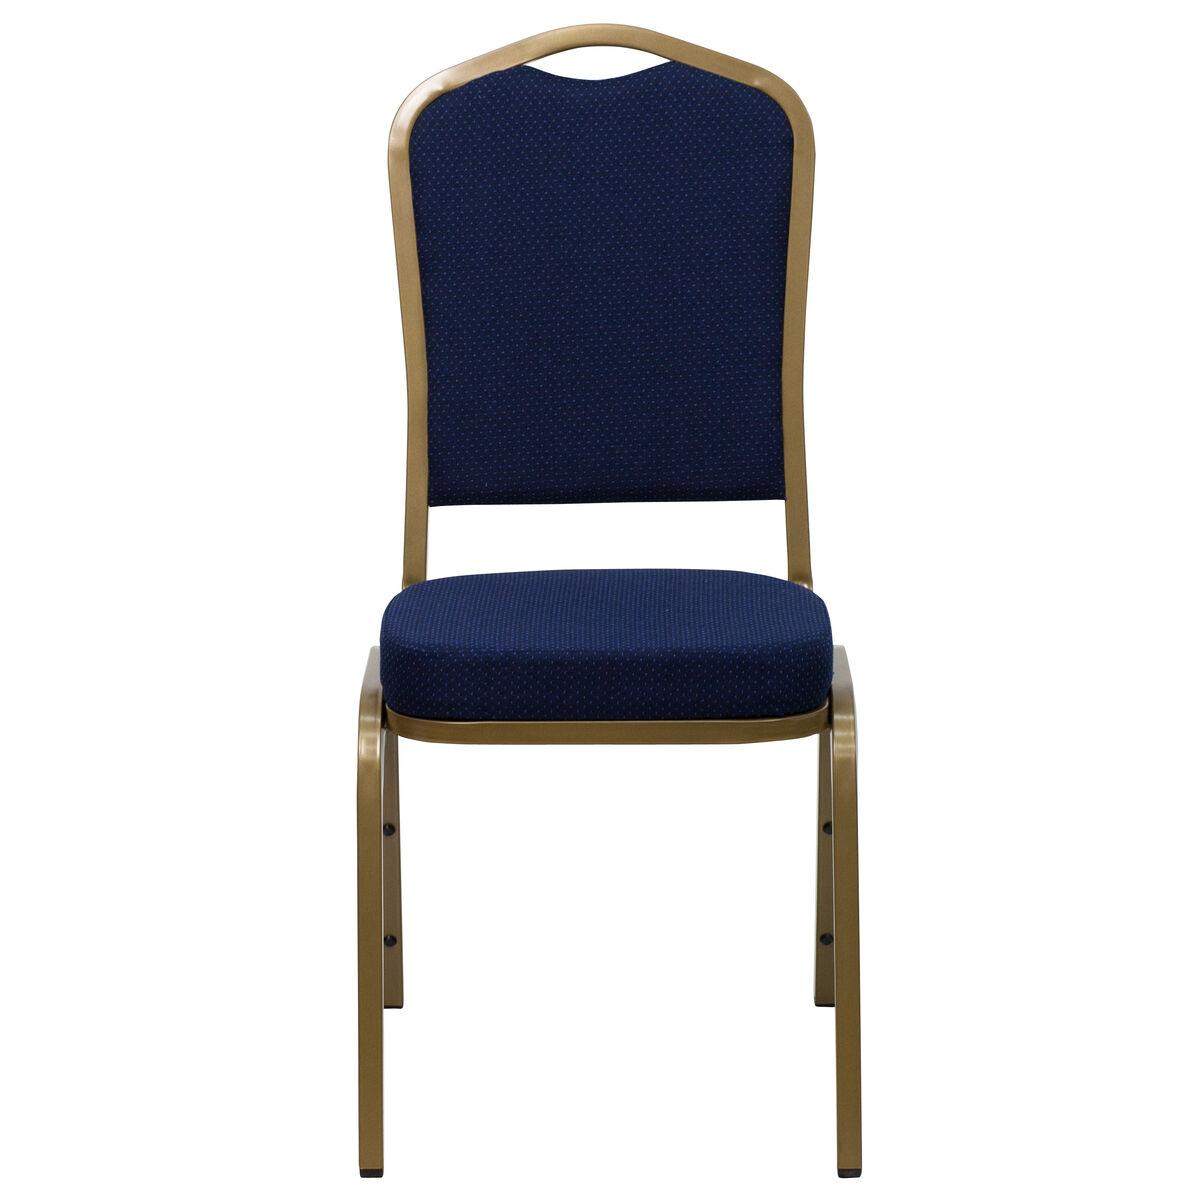 navy blue fabric banquet chair fd c01 allgold 2056 gg